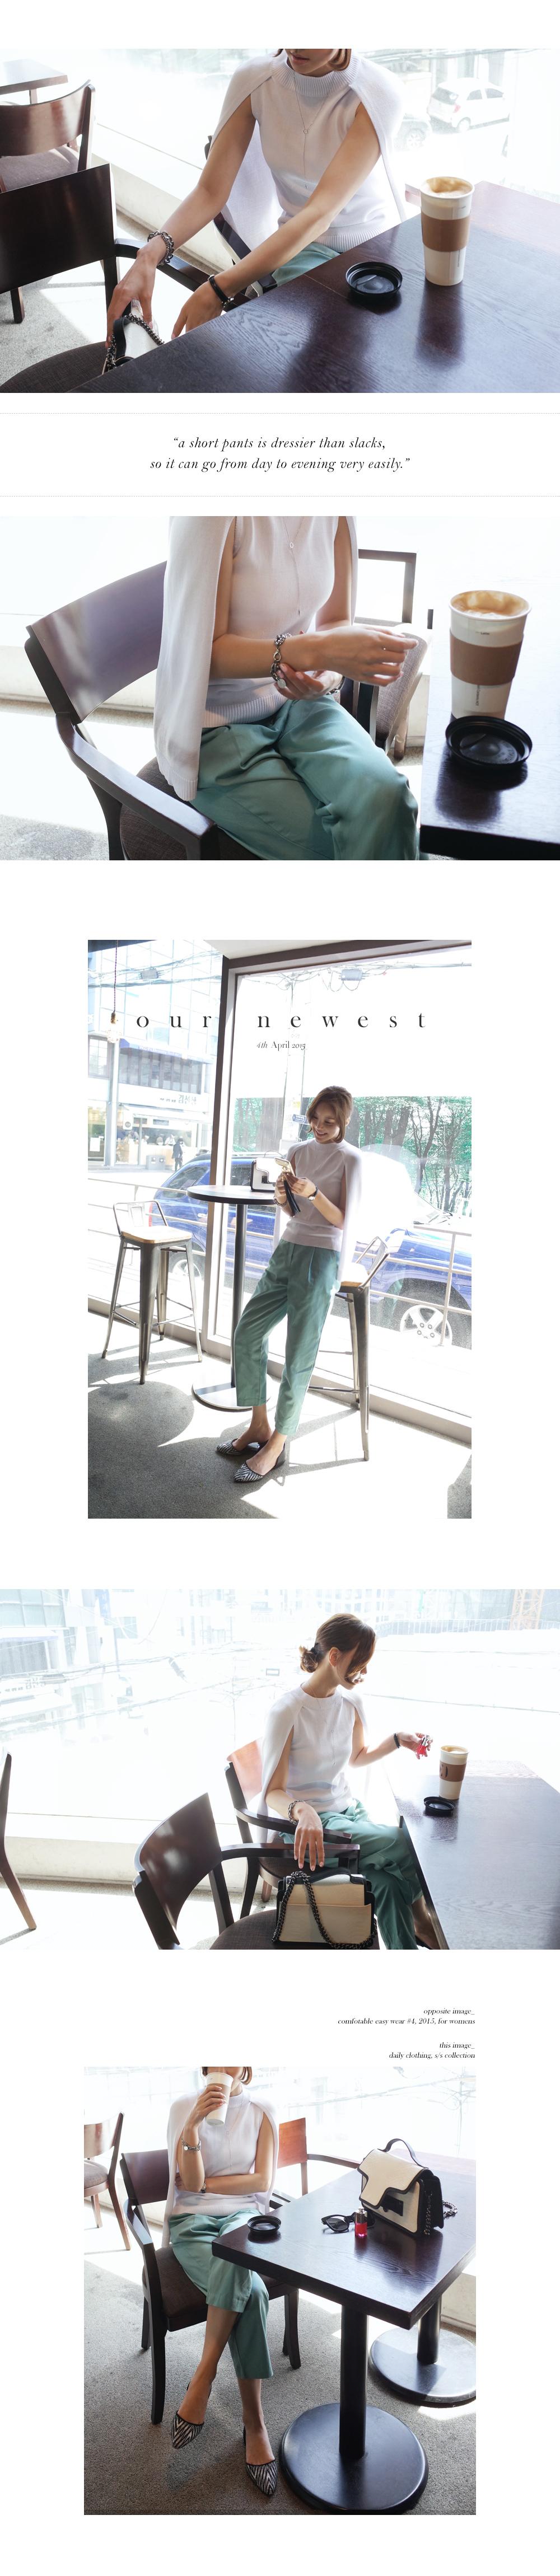 ユニーク柄ポインテッドトゥフラットシューズ・全2色シューズ・バッグシューズ・靴|大人のレディースファッション通販 HIHOLLIハイホリ [トレンドをプラスした素敵な大人スタイル]